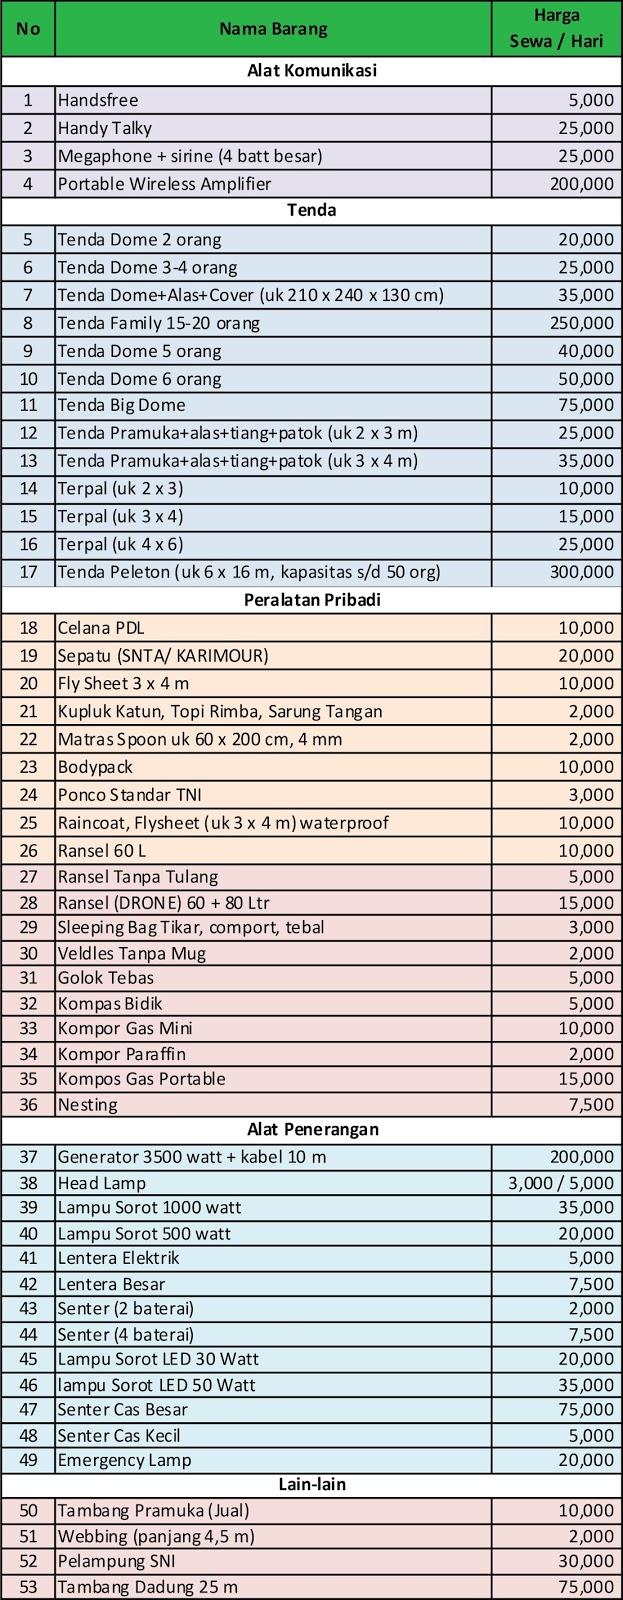 Sewa Tenda Harga Sewa Tenda Camping Bandung